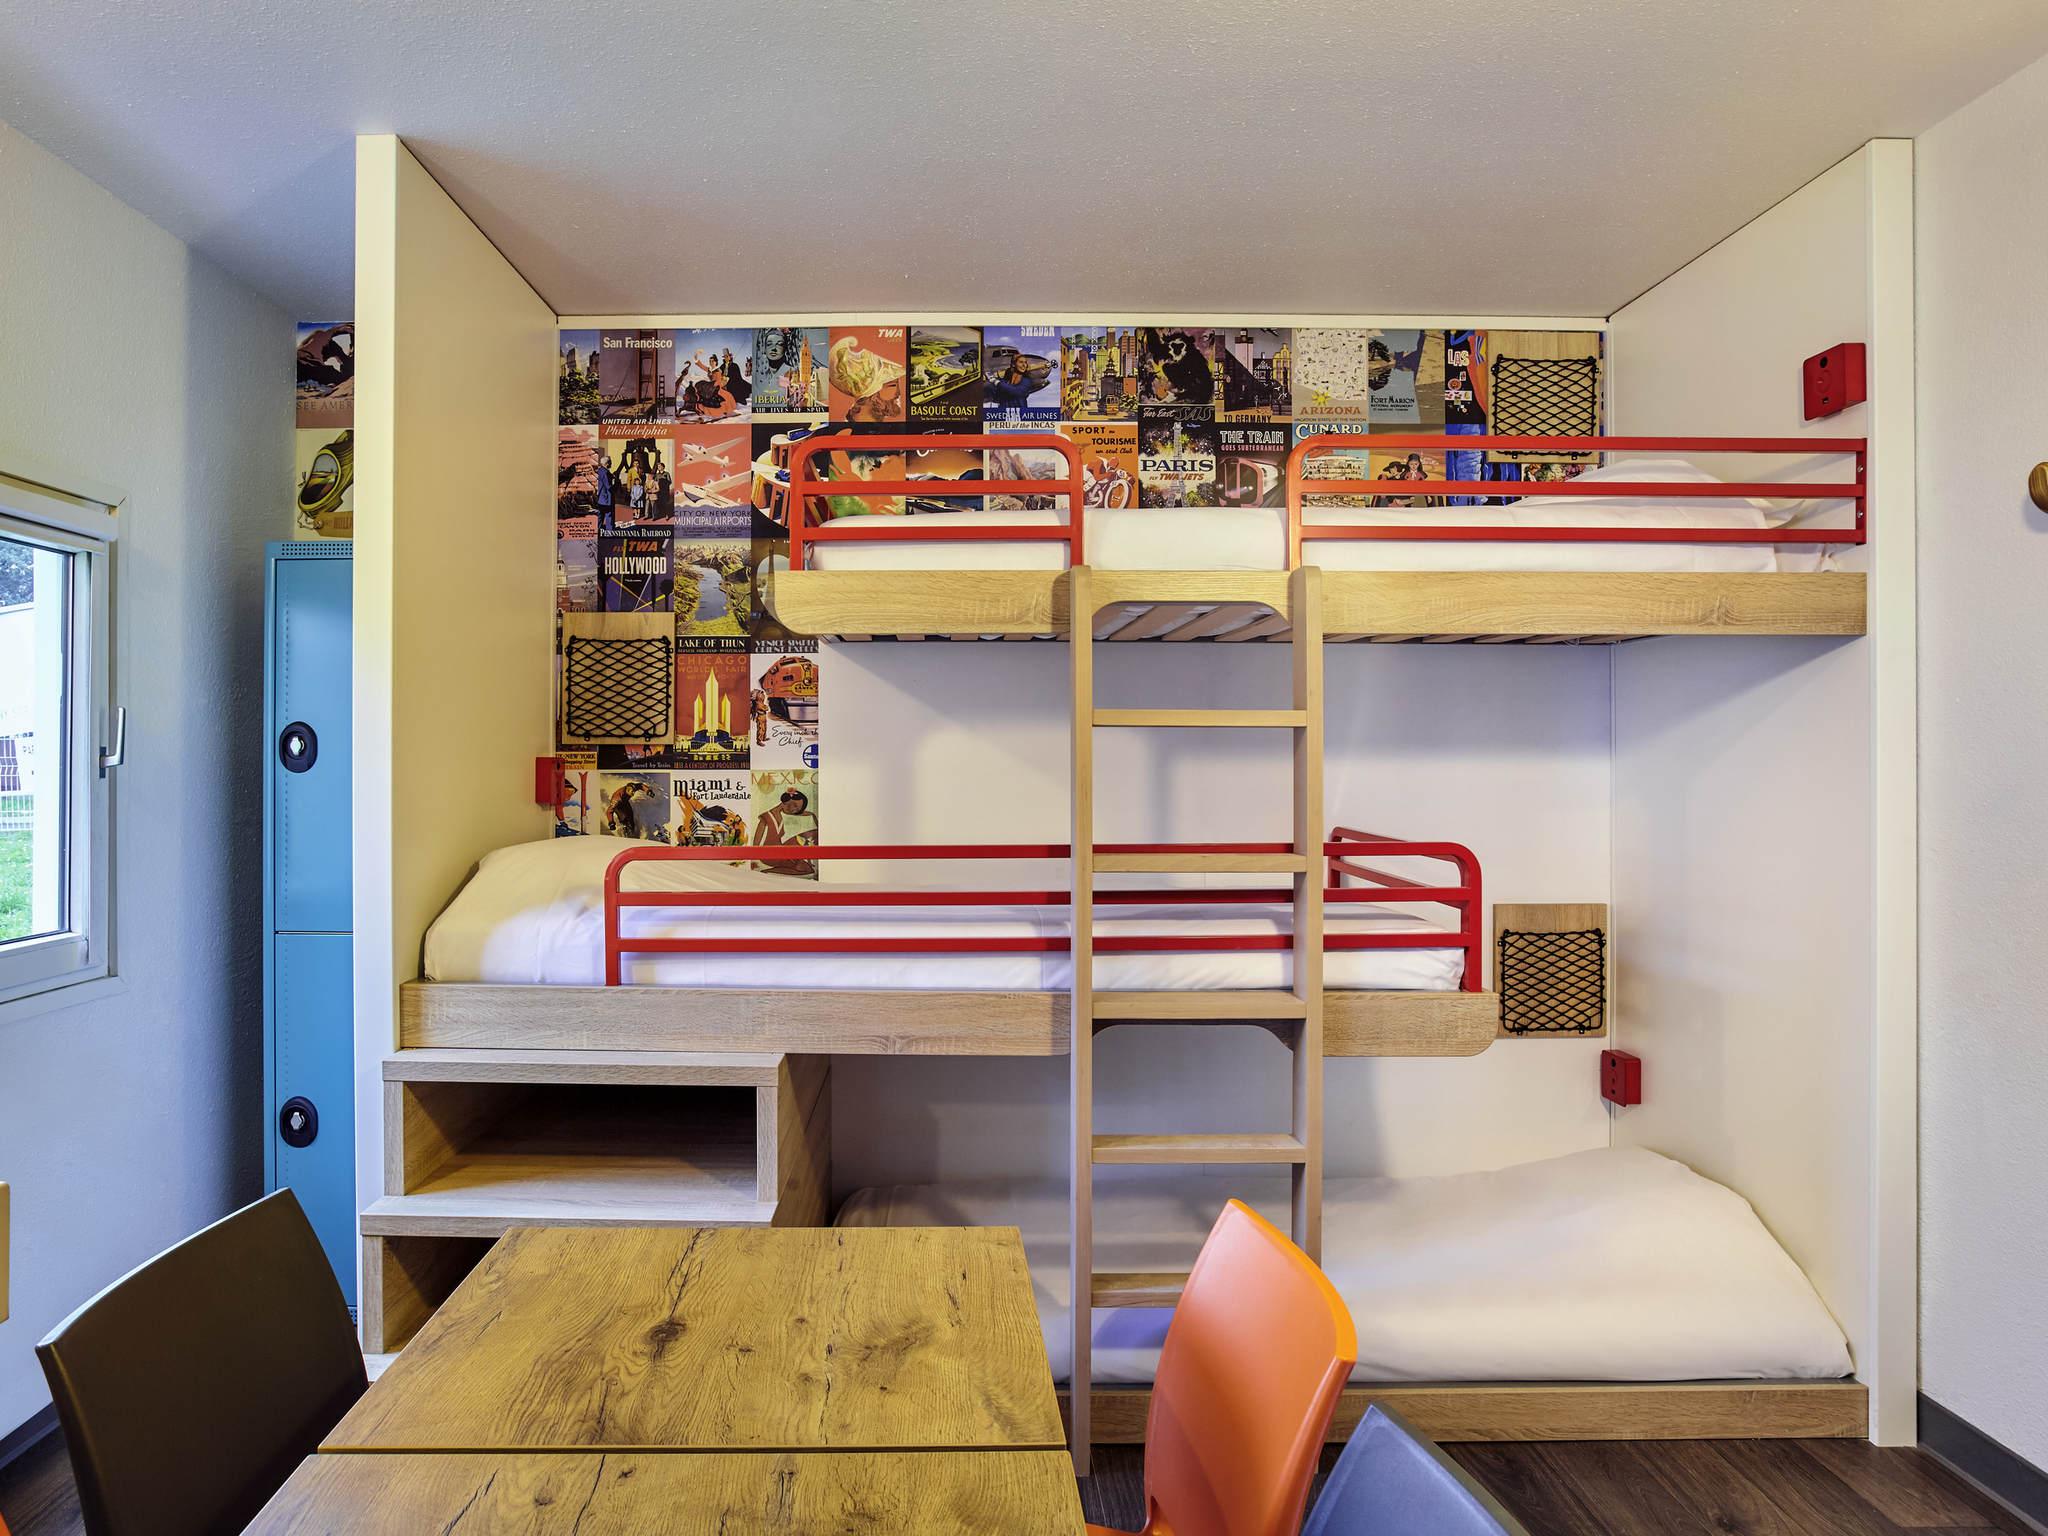 H tel villeneuve d 39 ascq hotelf1 lille villeneuve d 39 ascq for Prix chambre hotel formule 1